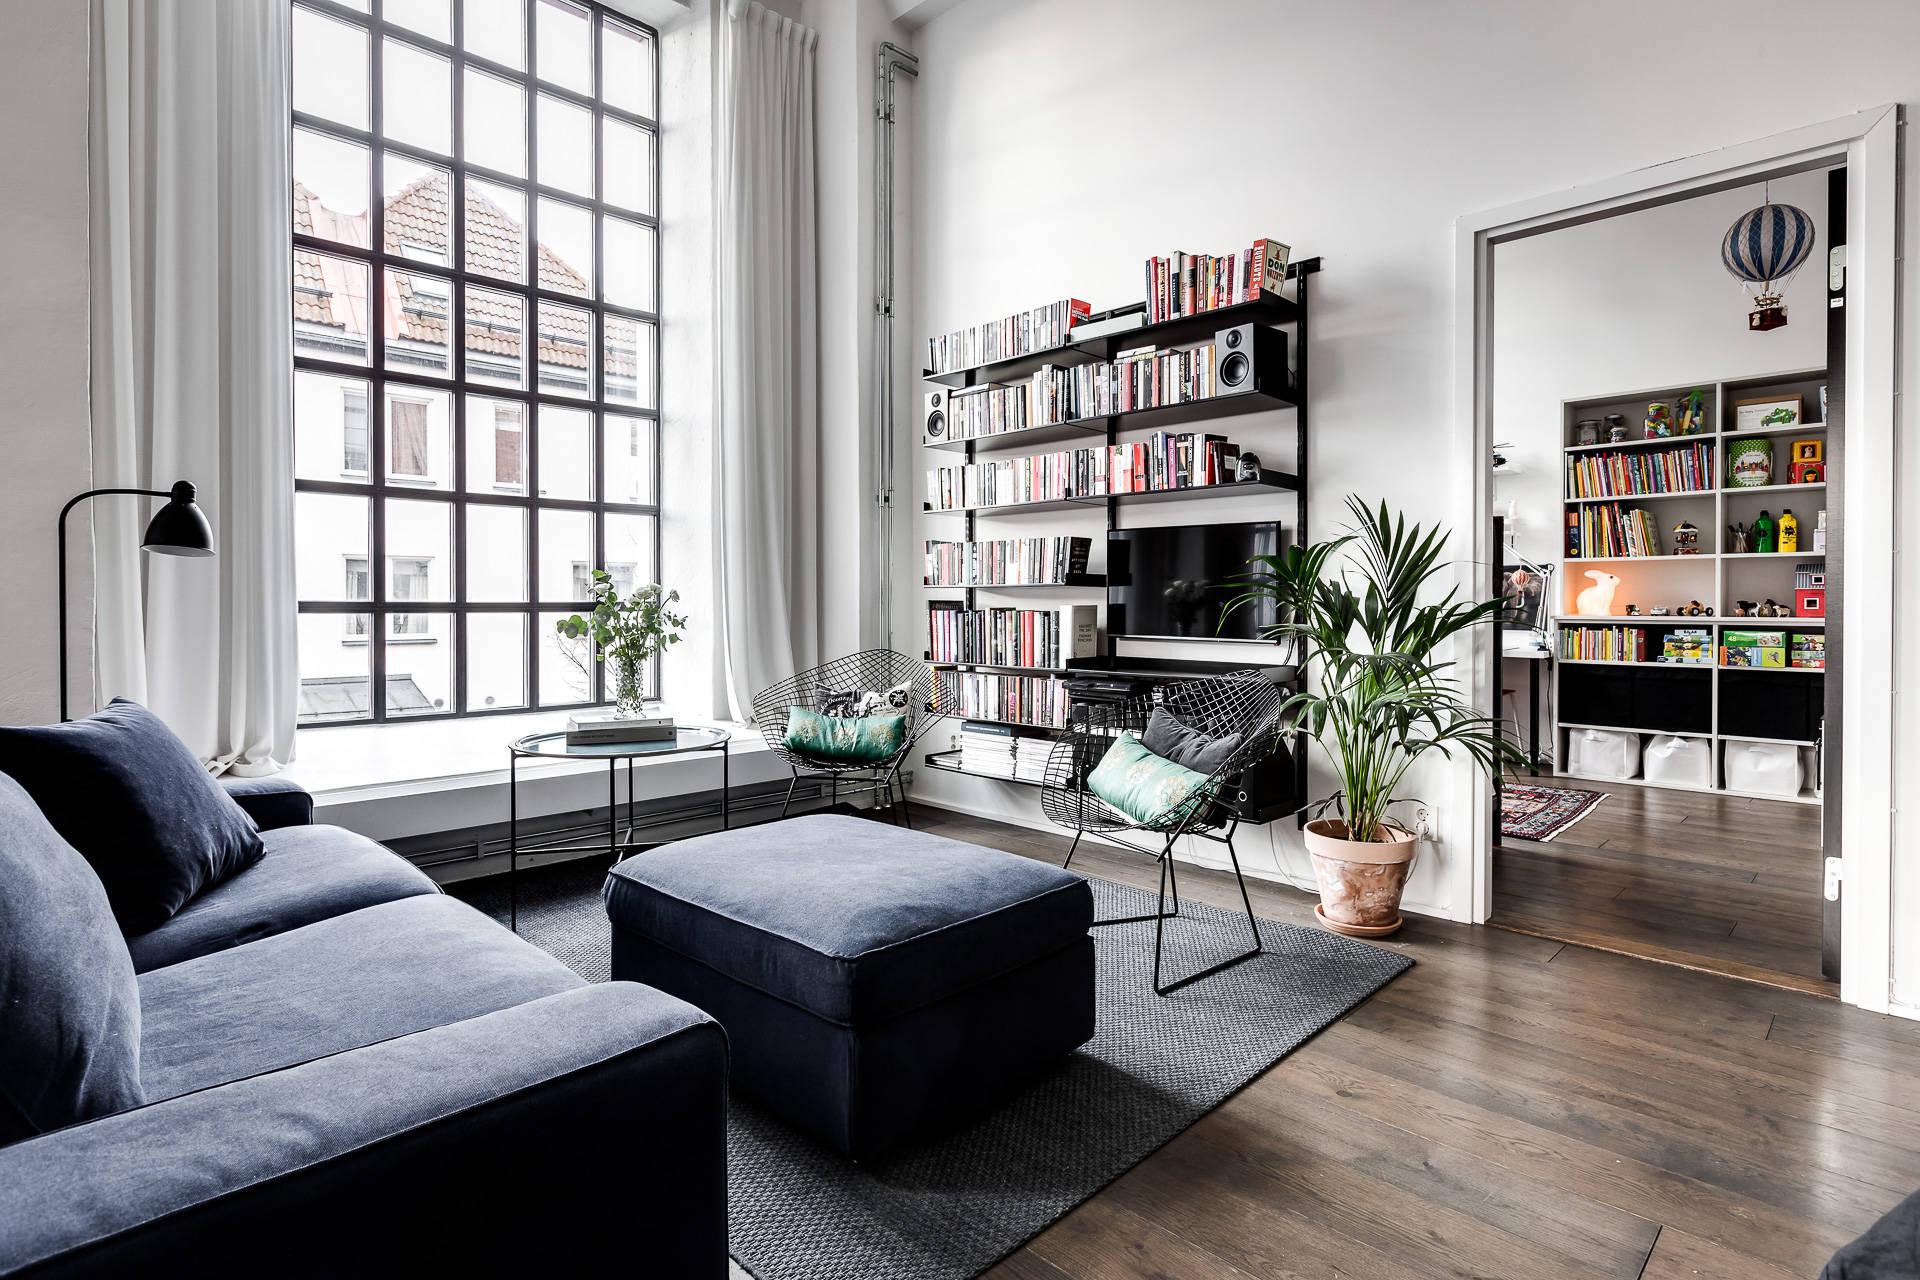 Apartamento tipo loft en antigua fábrica de piel - Blog tienda ...